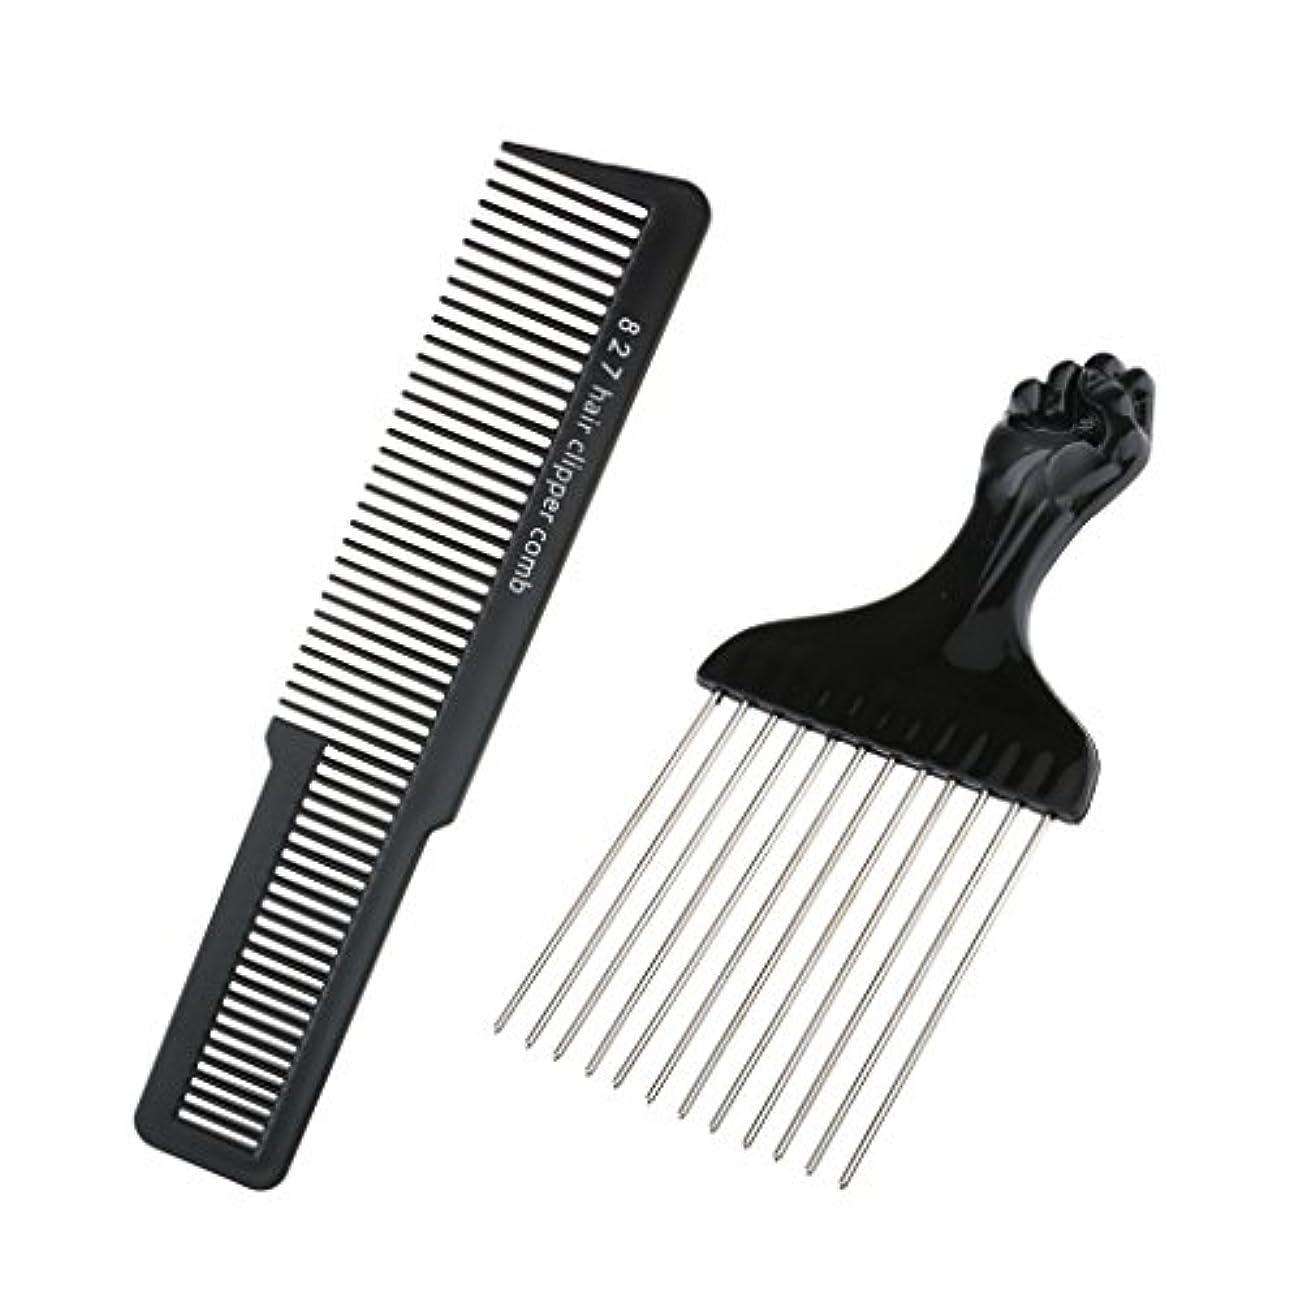 恥ずかしい悲惨な分類する美容院の理髪師のヘアスタイリングセットの毛の切断のクリッパーの櫛セットが付いている黒いステンレス鋼のアフロピックブラシ